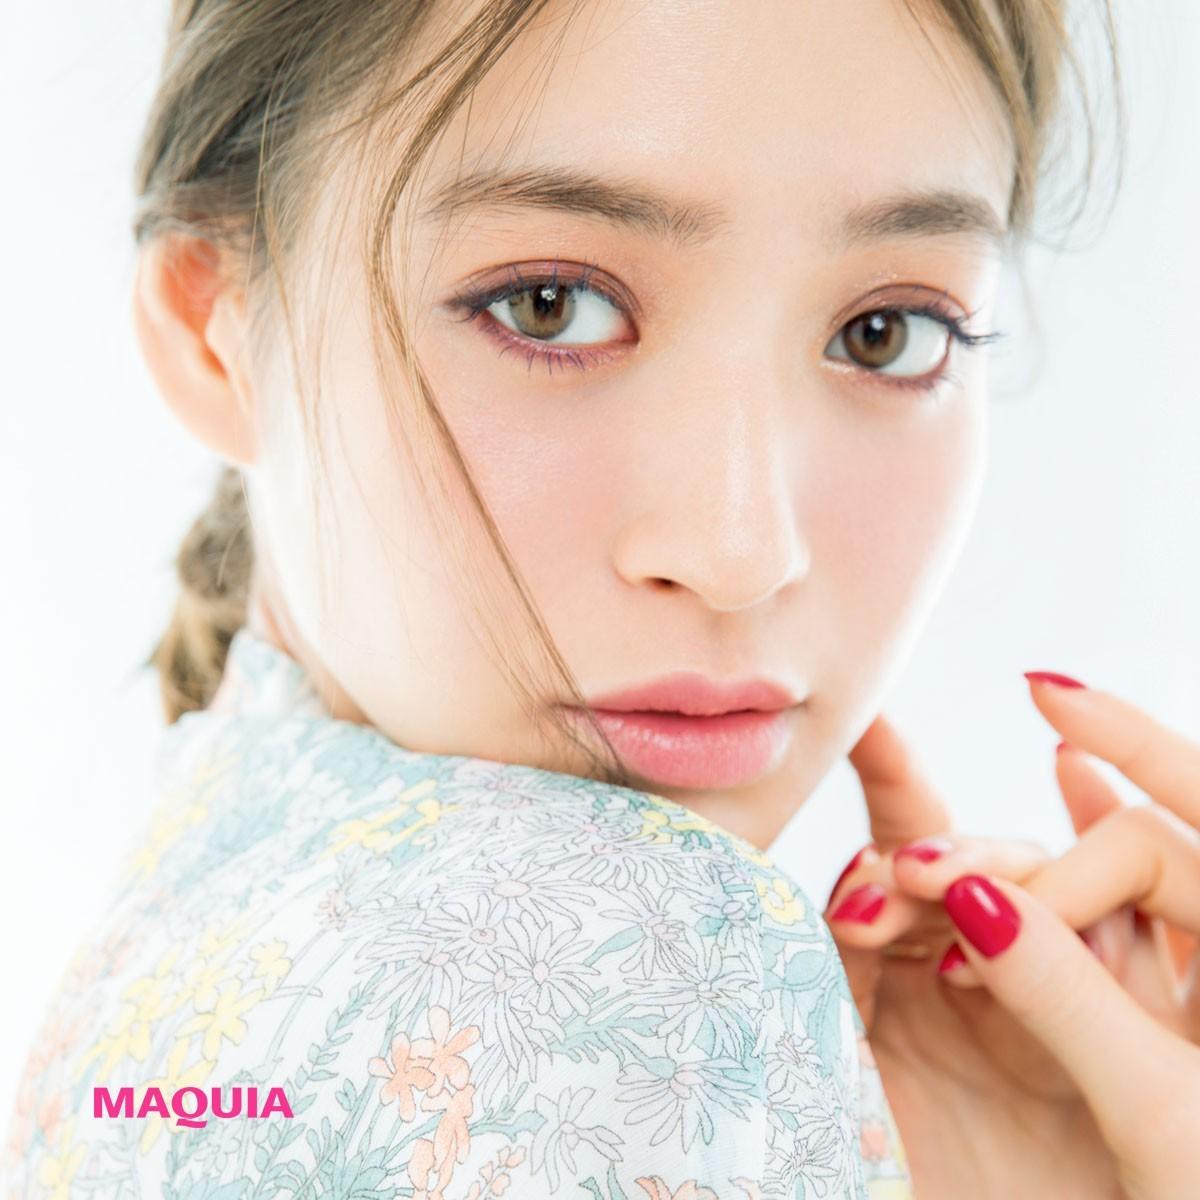 https://maquia.hpplus.jp/special/editorial/matome/imagechange_160420/